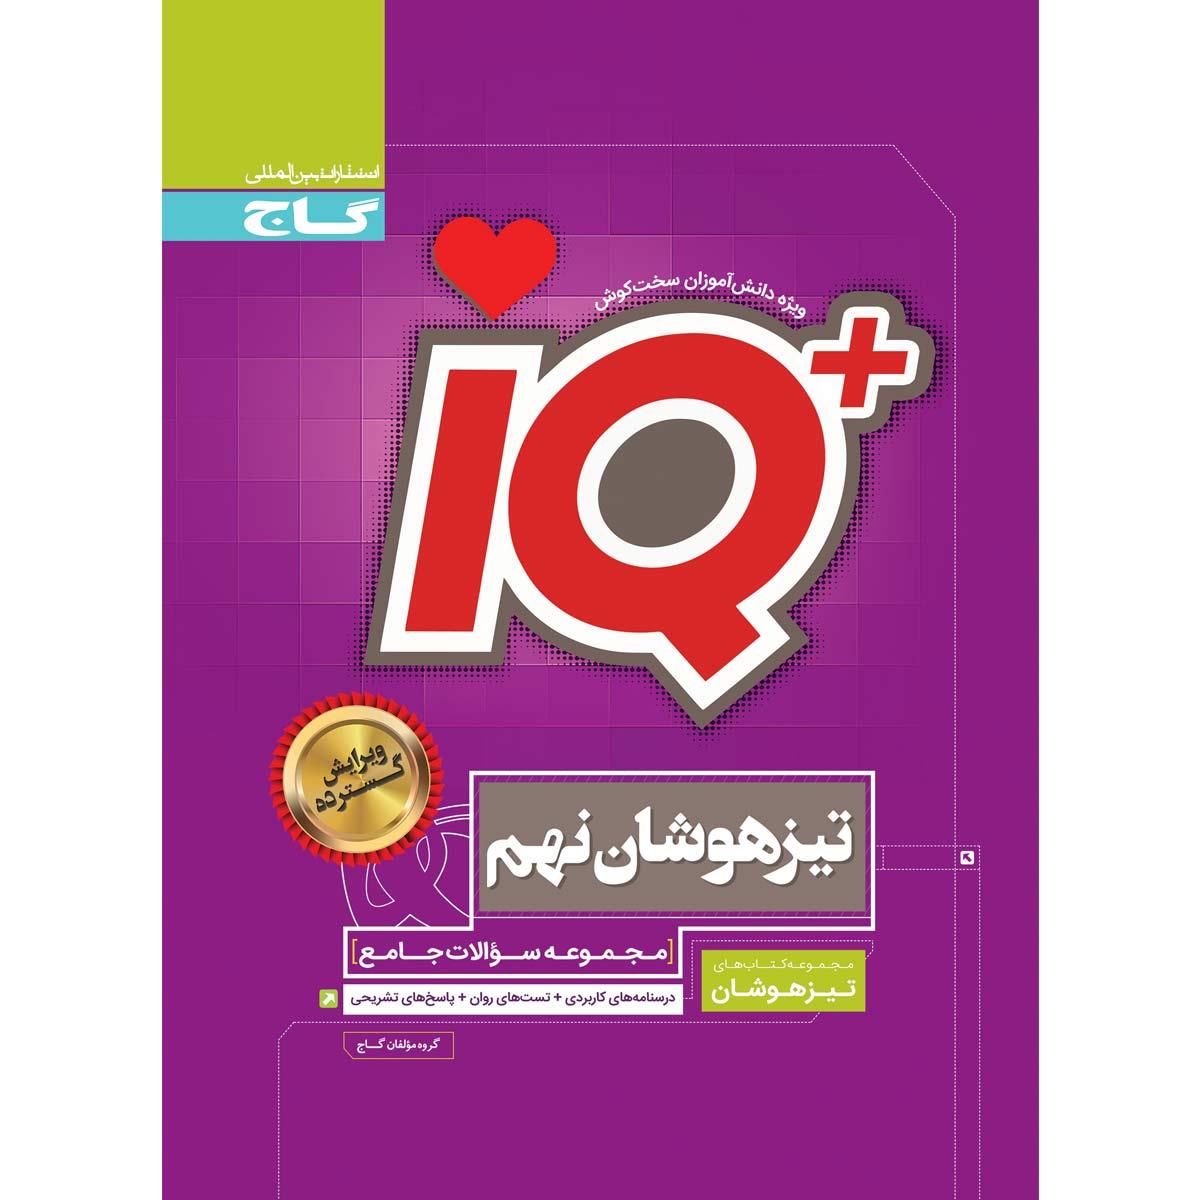 خرید                      کتاب جامع تیزهوشان نهم سری iQ انتشارات بین المللی گاج